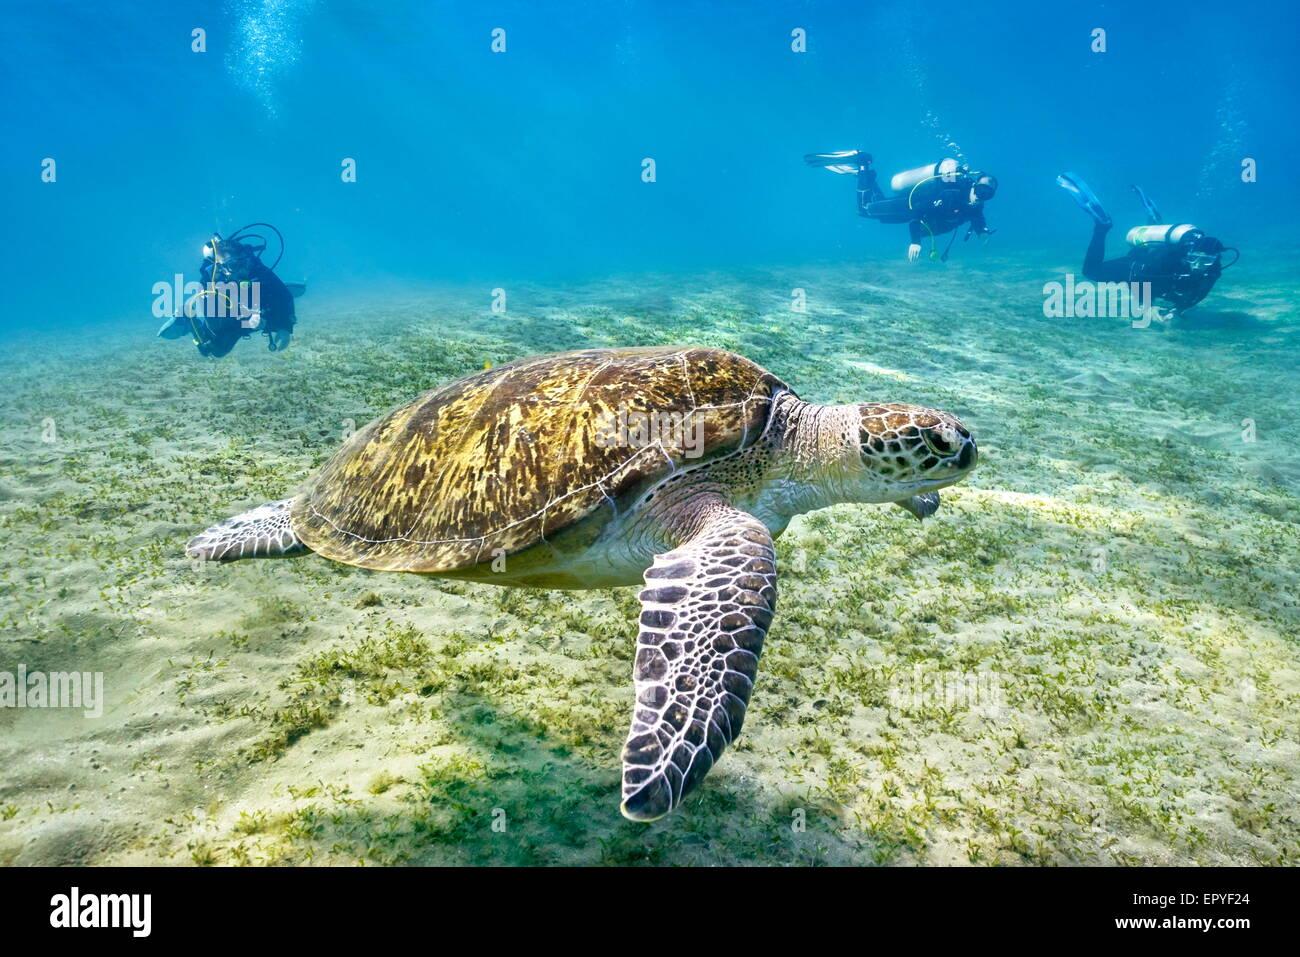 Marsa Alam - vista subacquea a subacquei e tartarughe marine, Mar Rosso, Egitto Immagini Stock